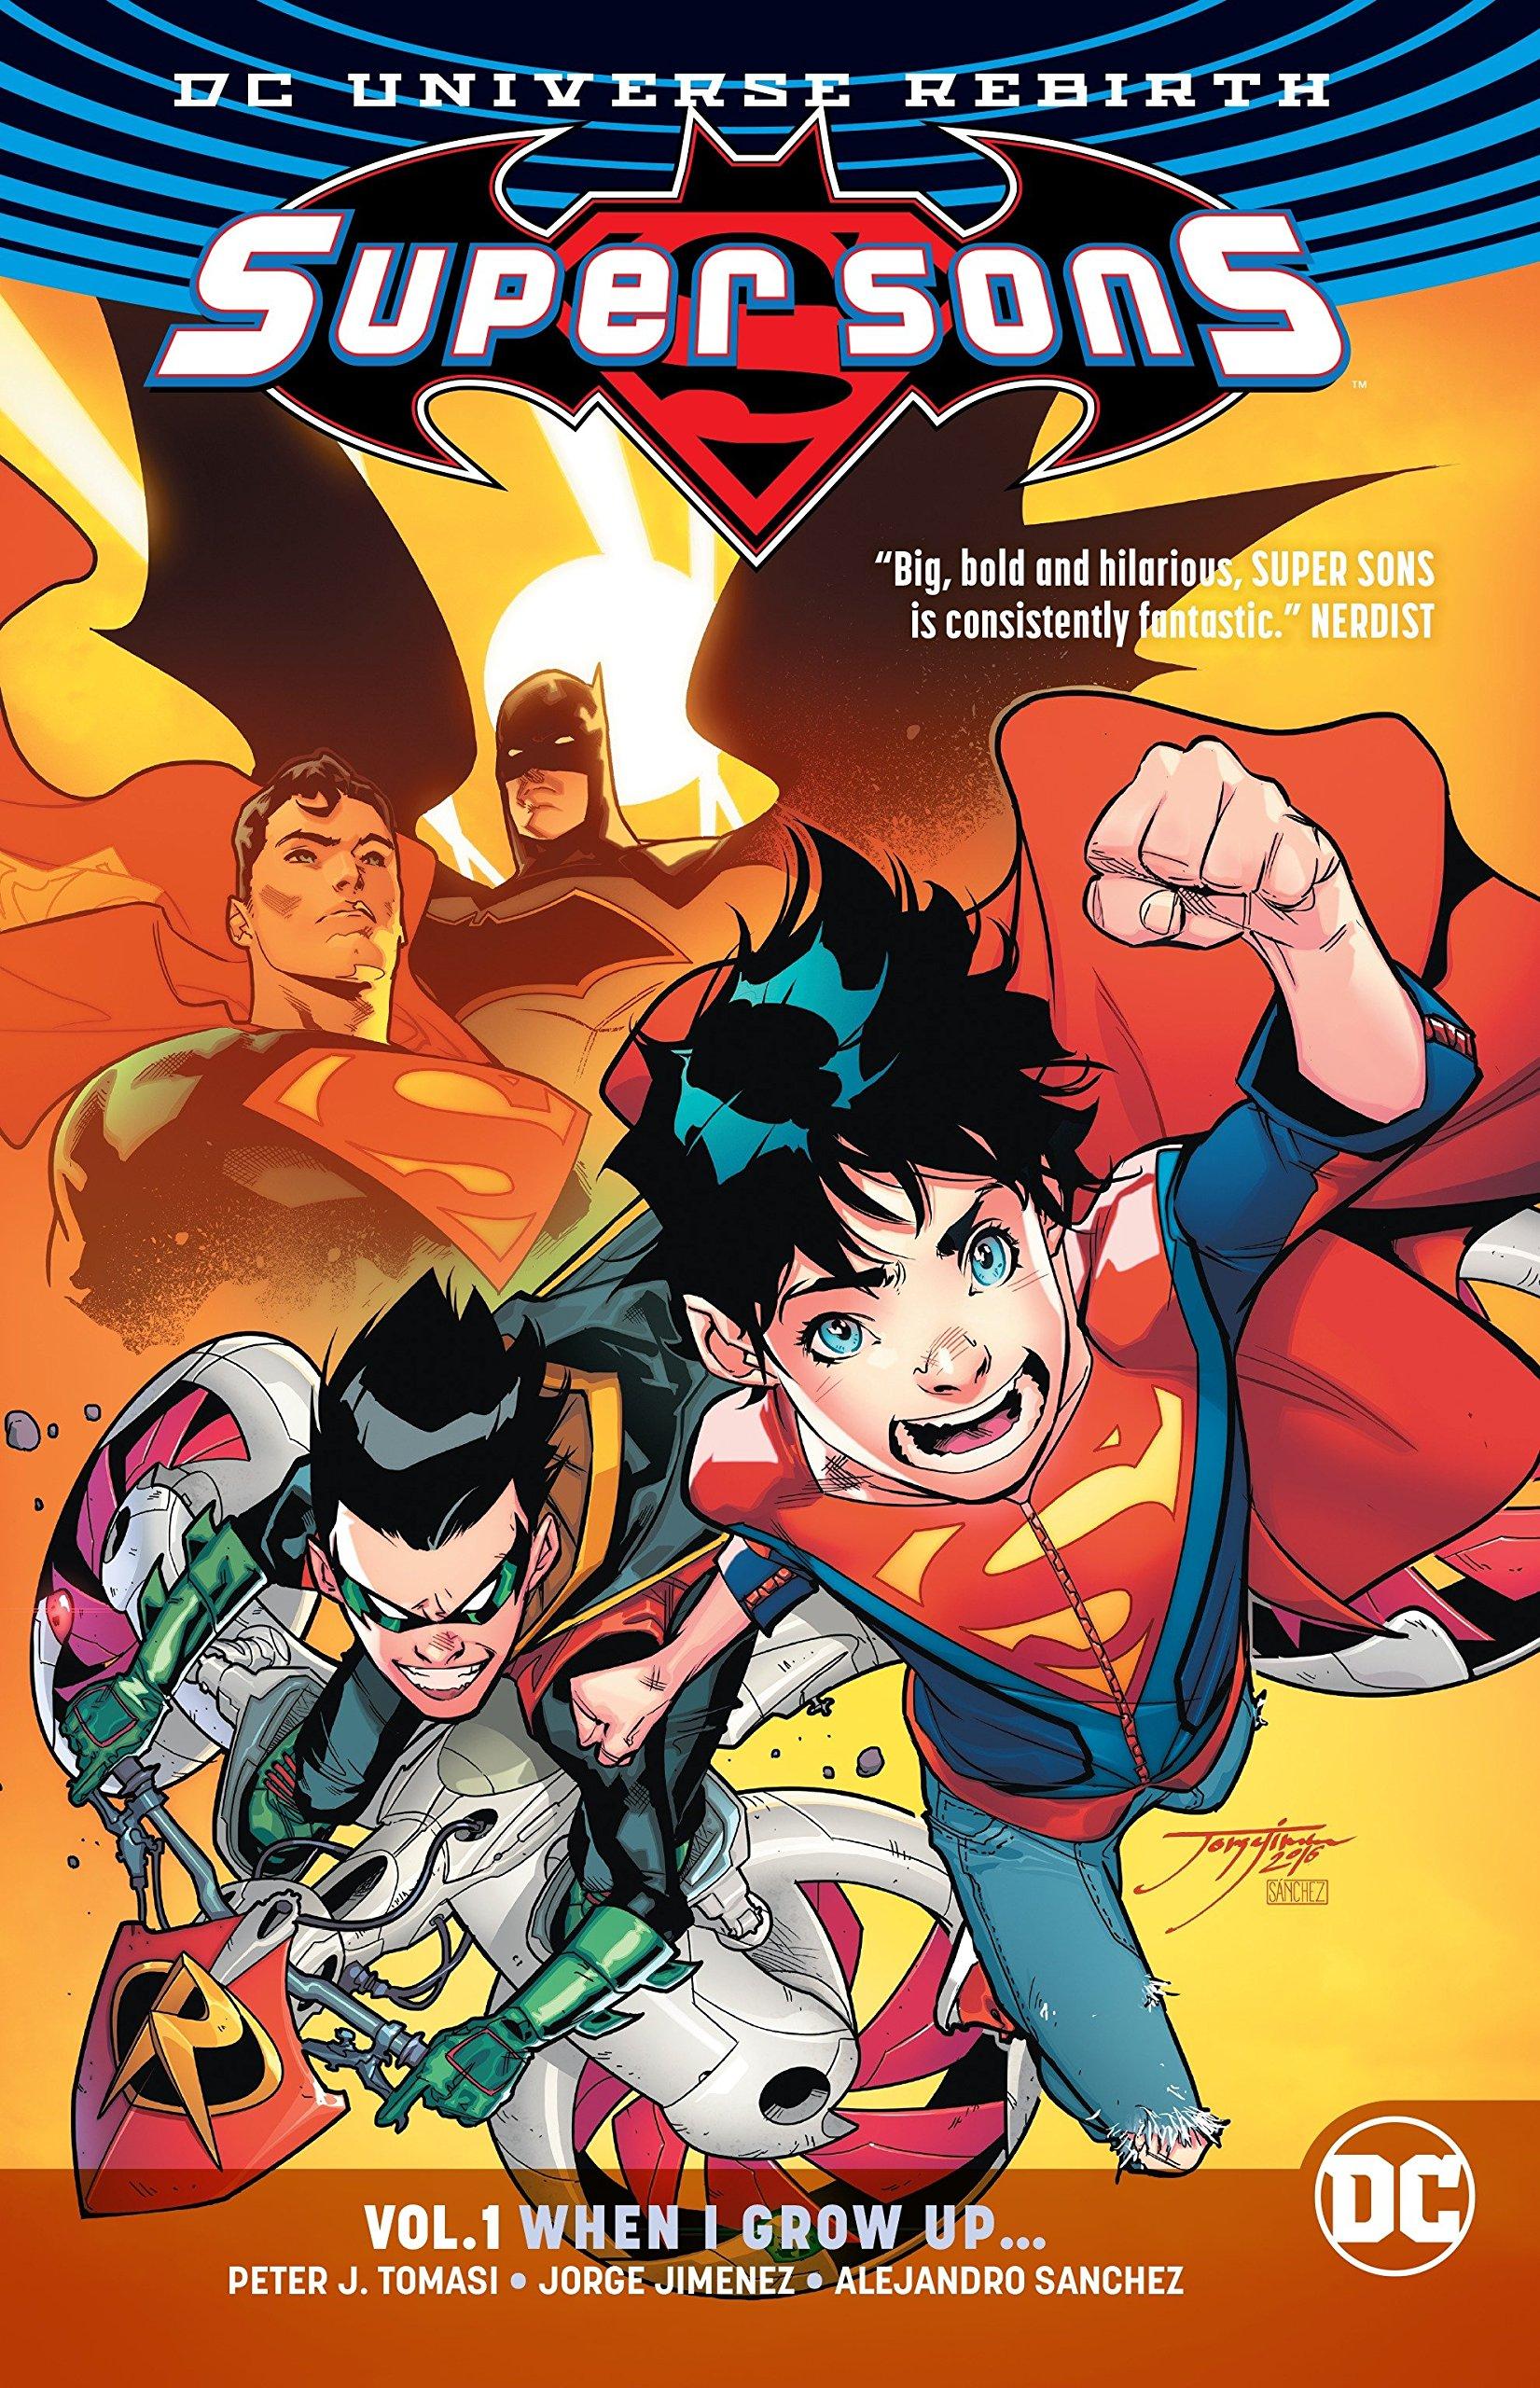 Leer Super Sons Volumen 1 Online en Español